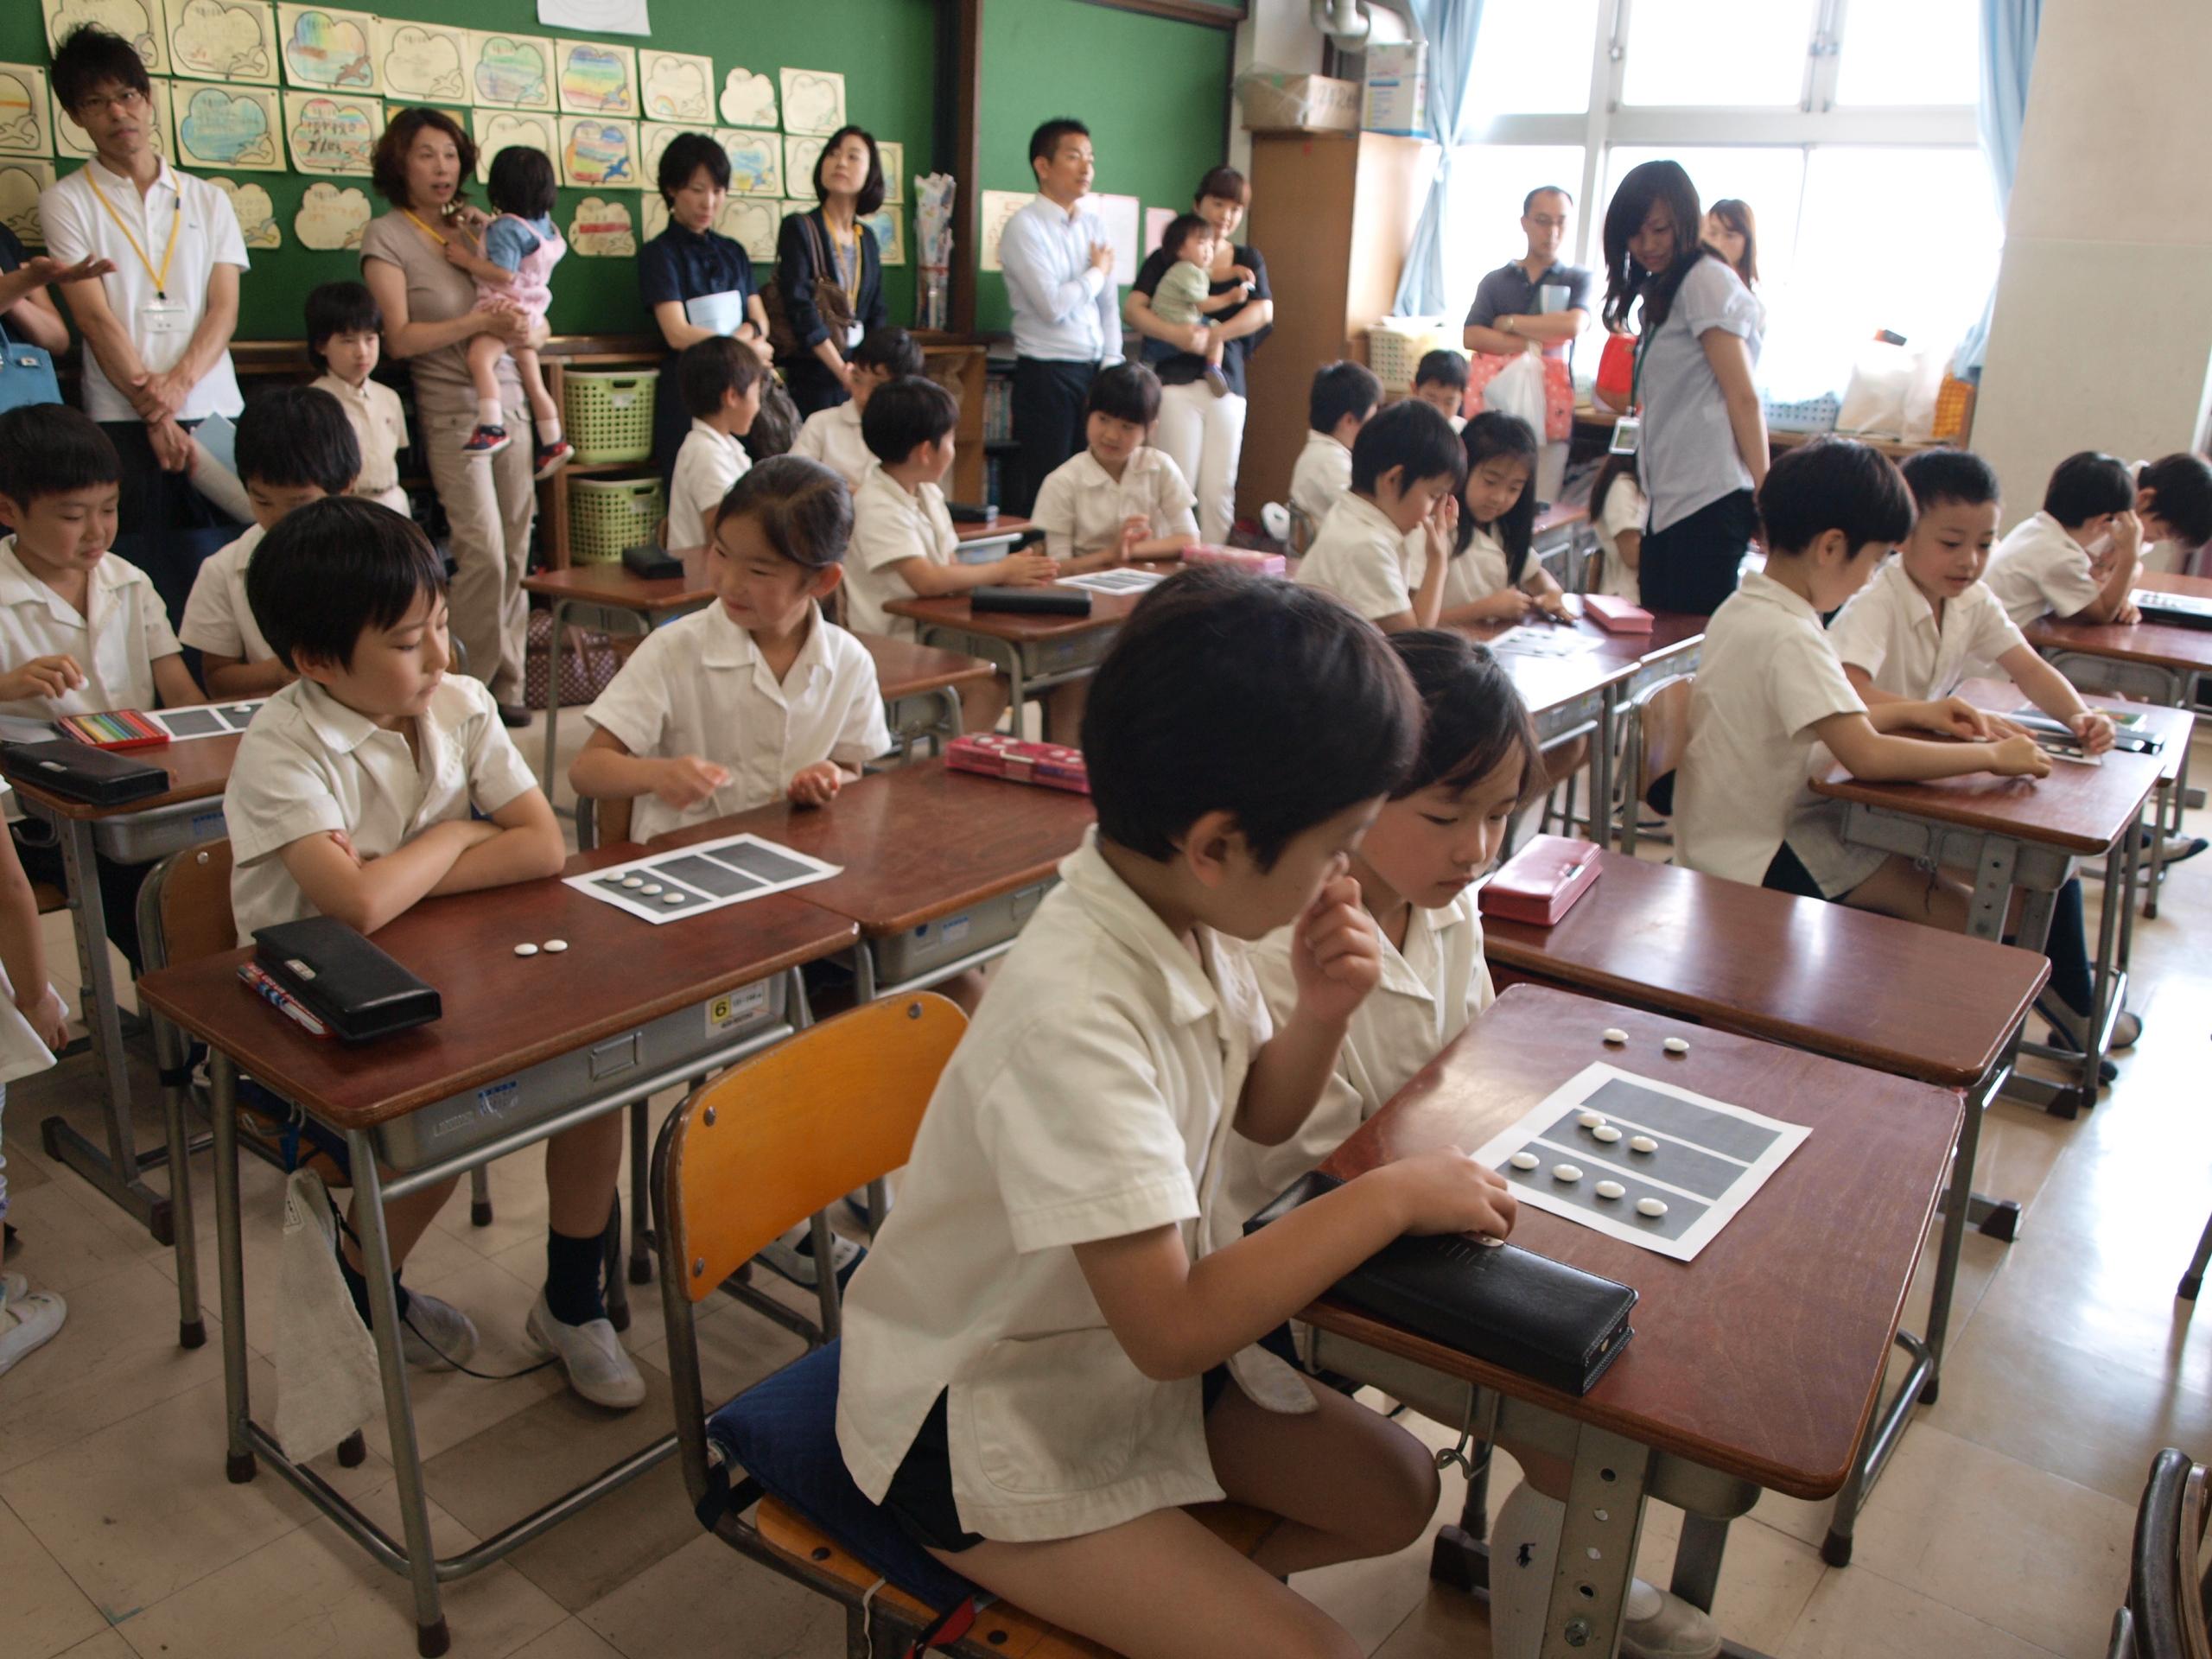 聖徳学園小学校英才教育公開研究発表会